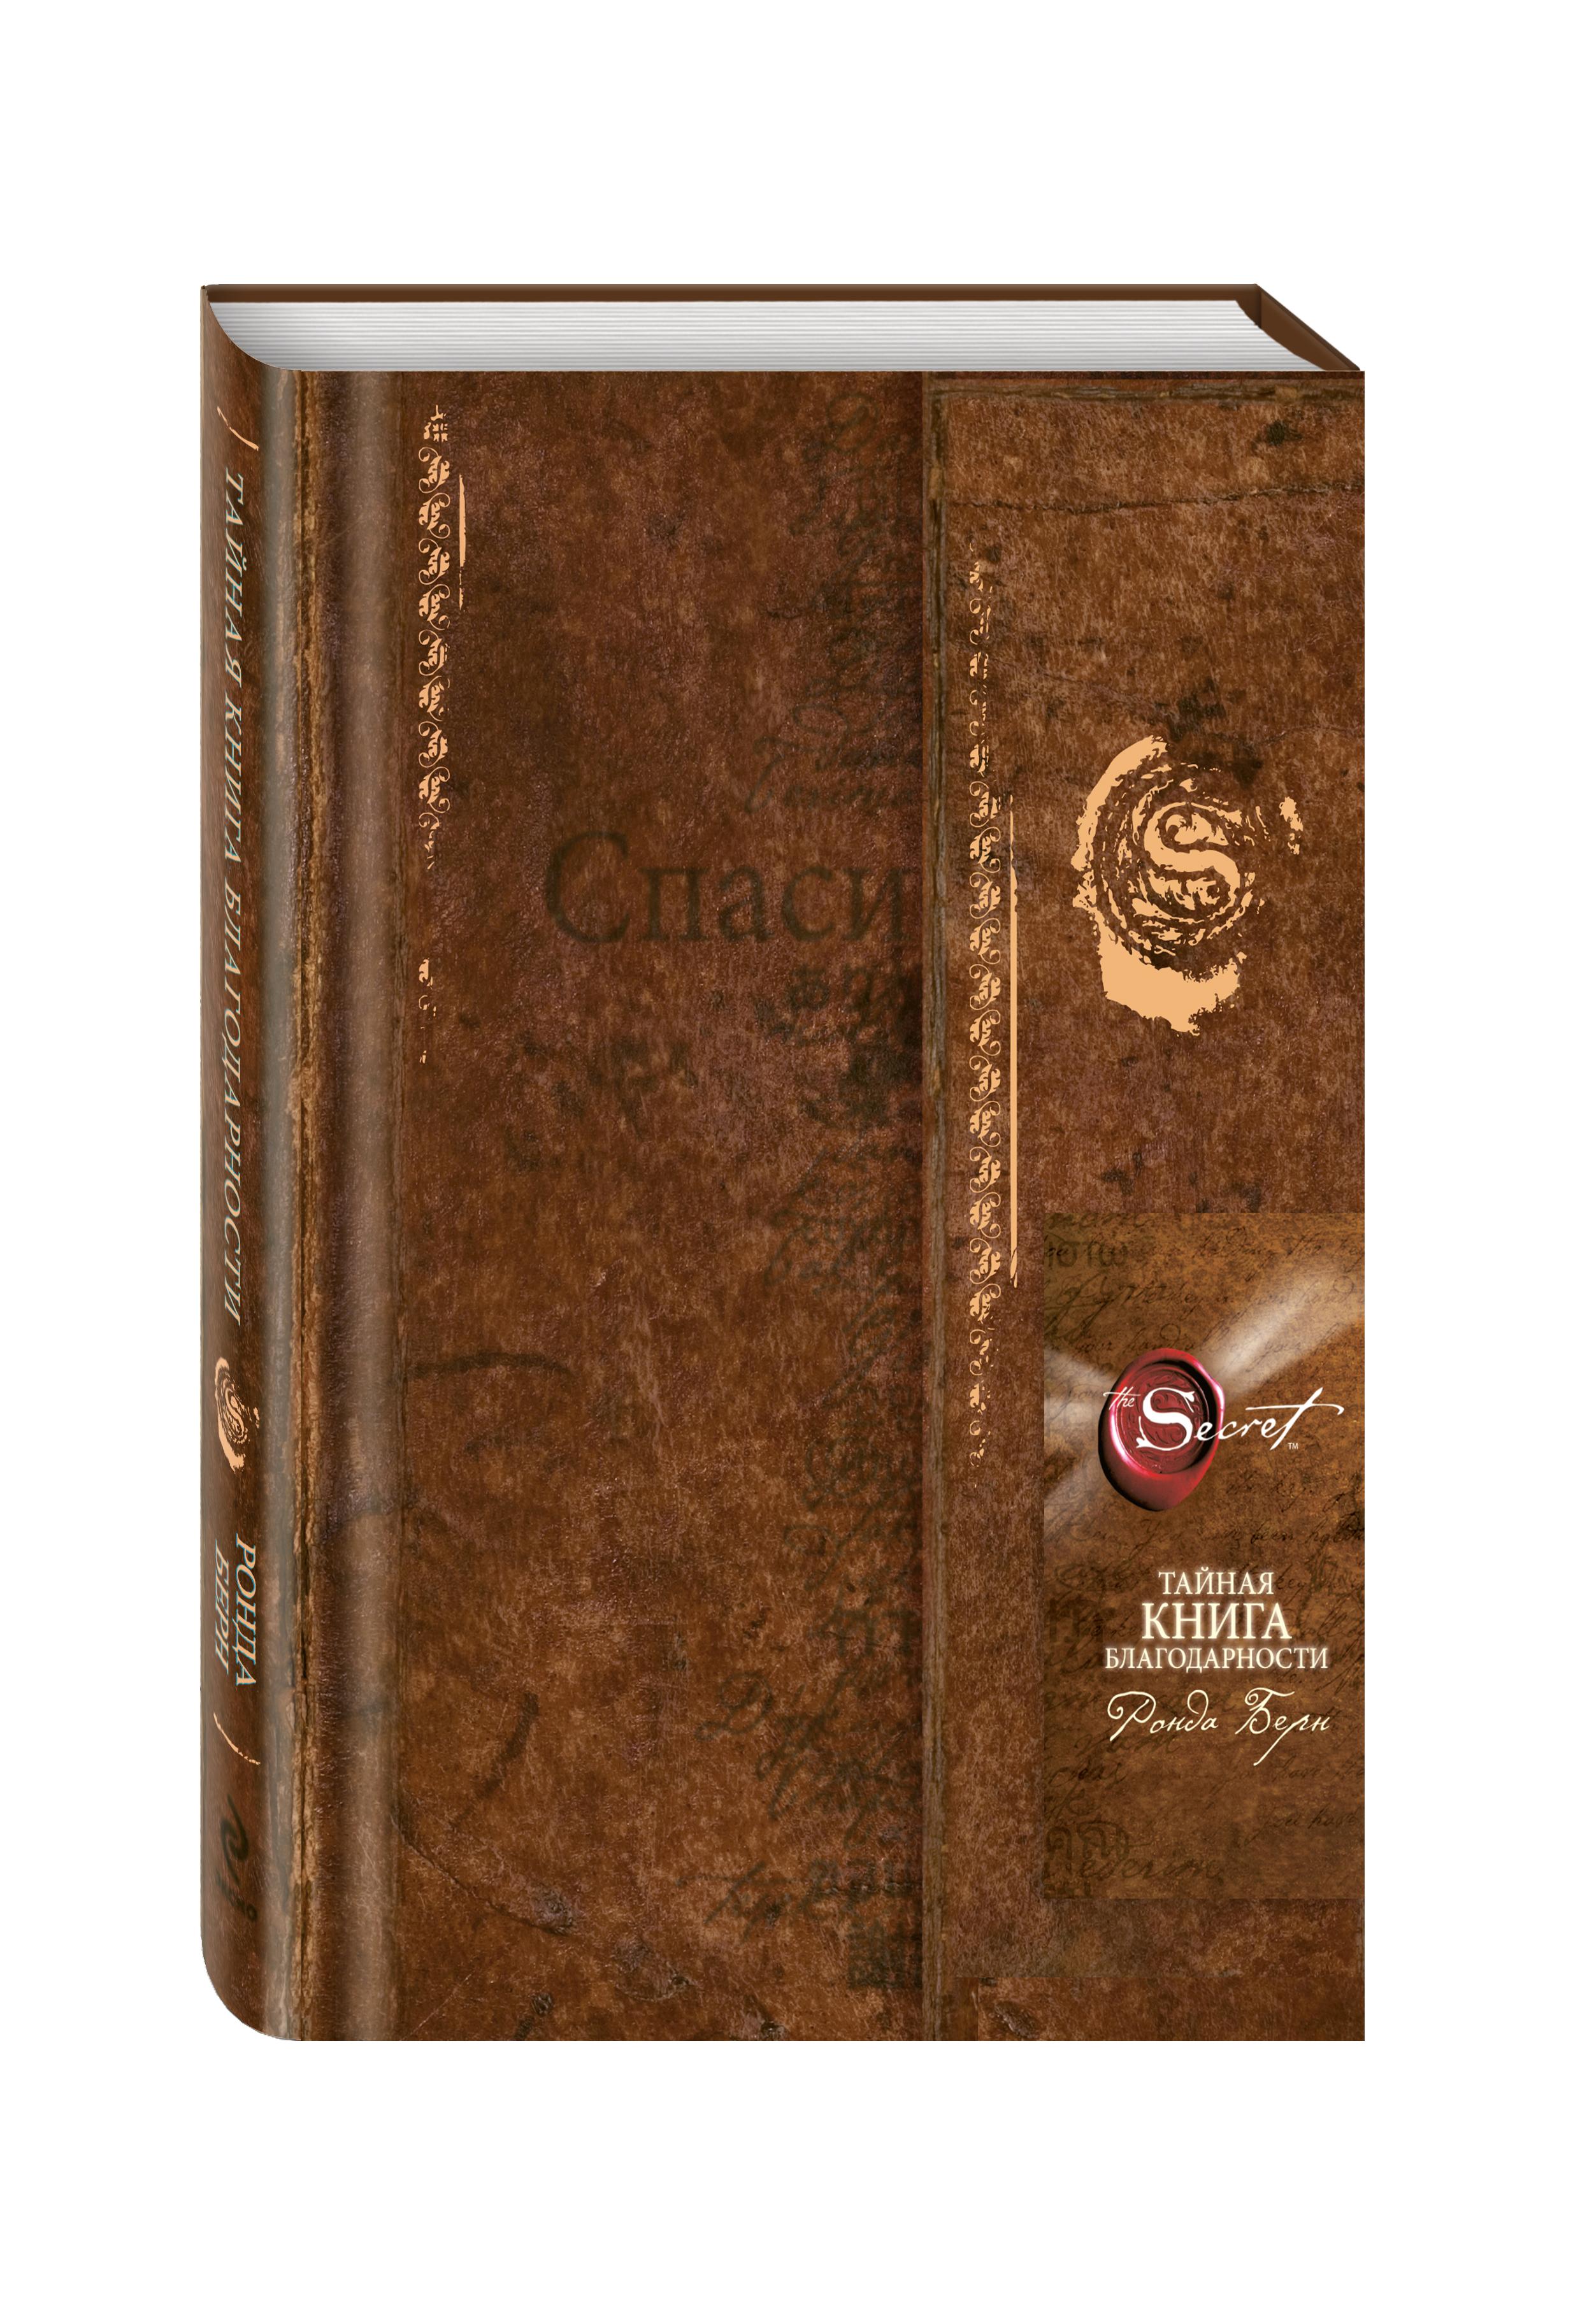 Берн Р. Тайная книга благодарности (новое издание) берн р тайная книга благодарности